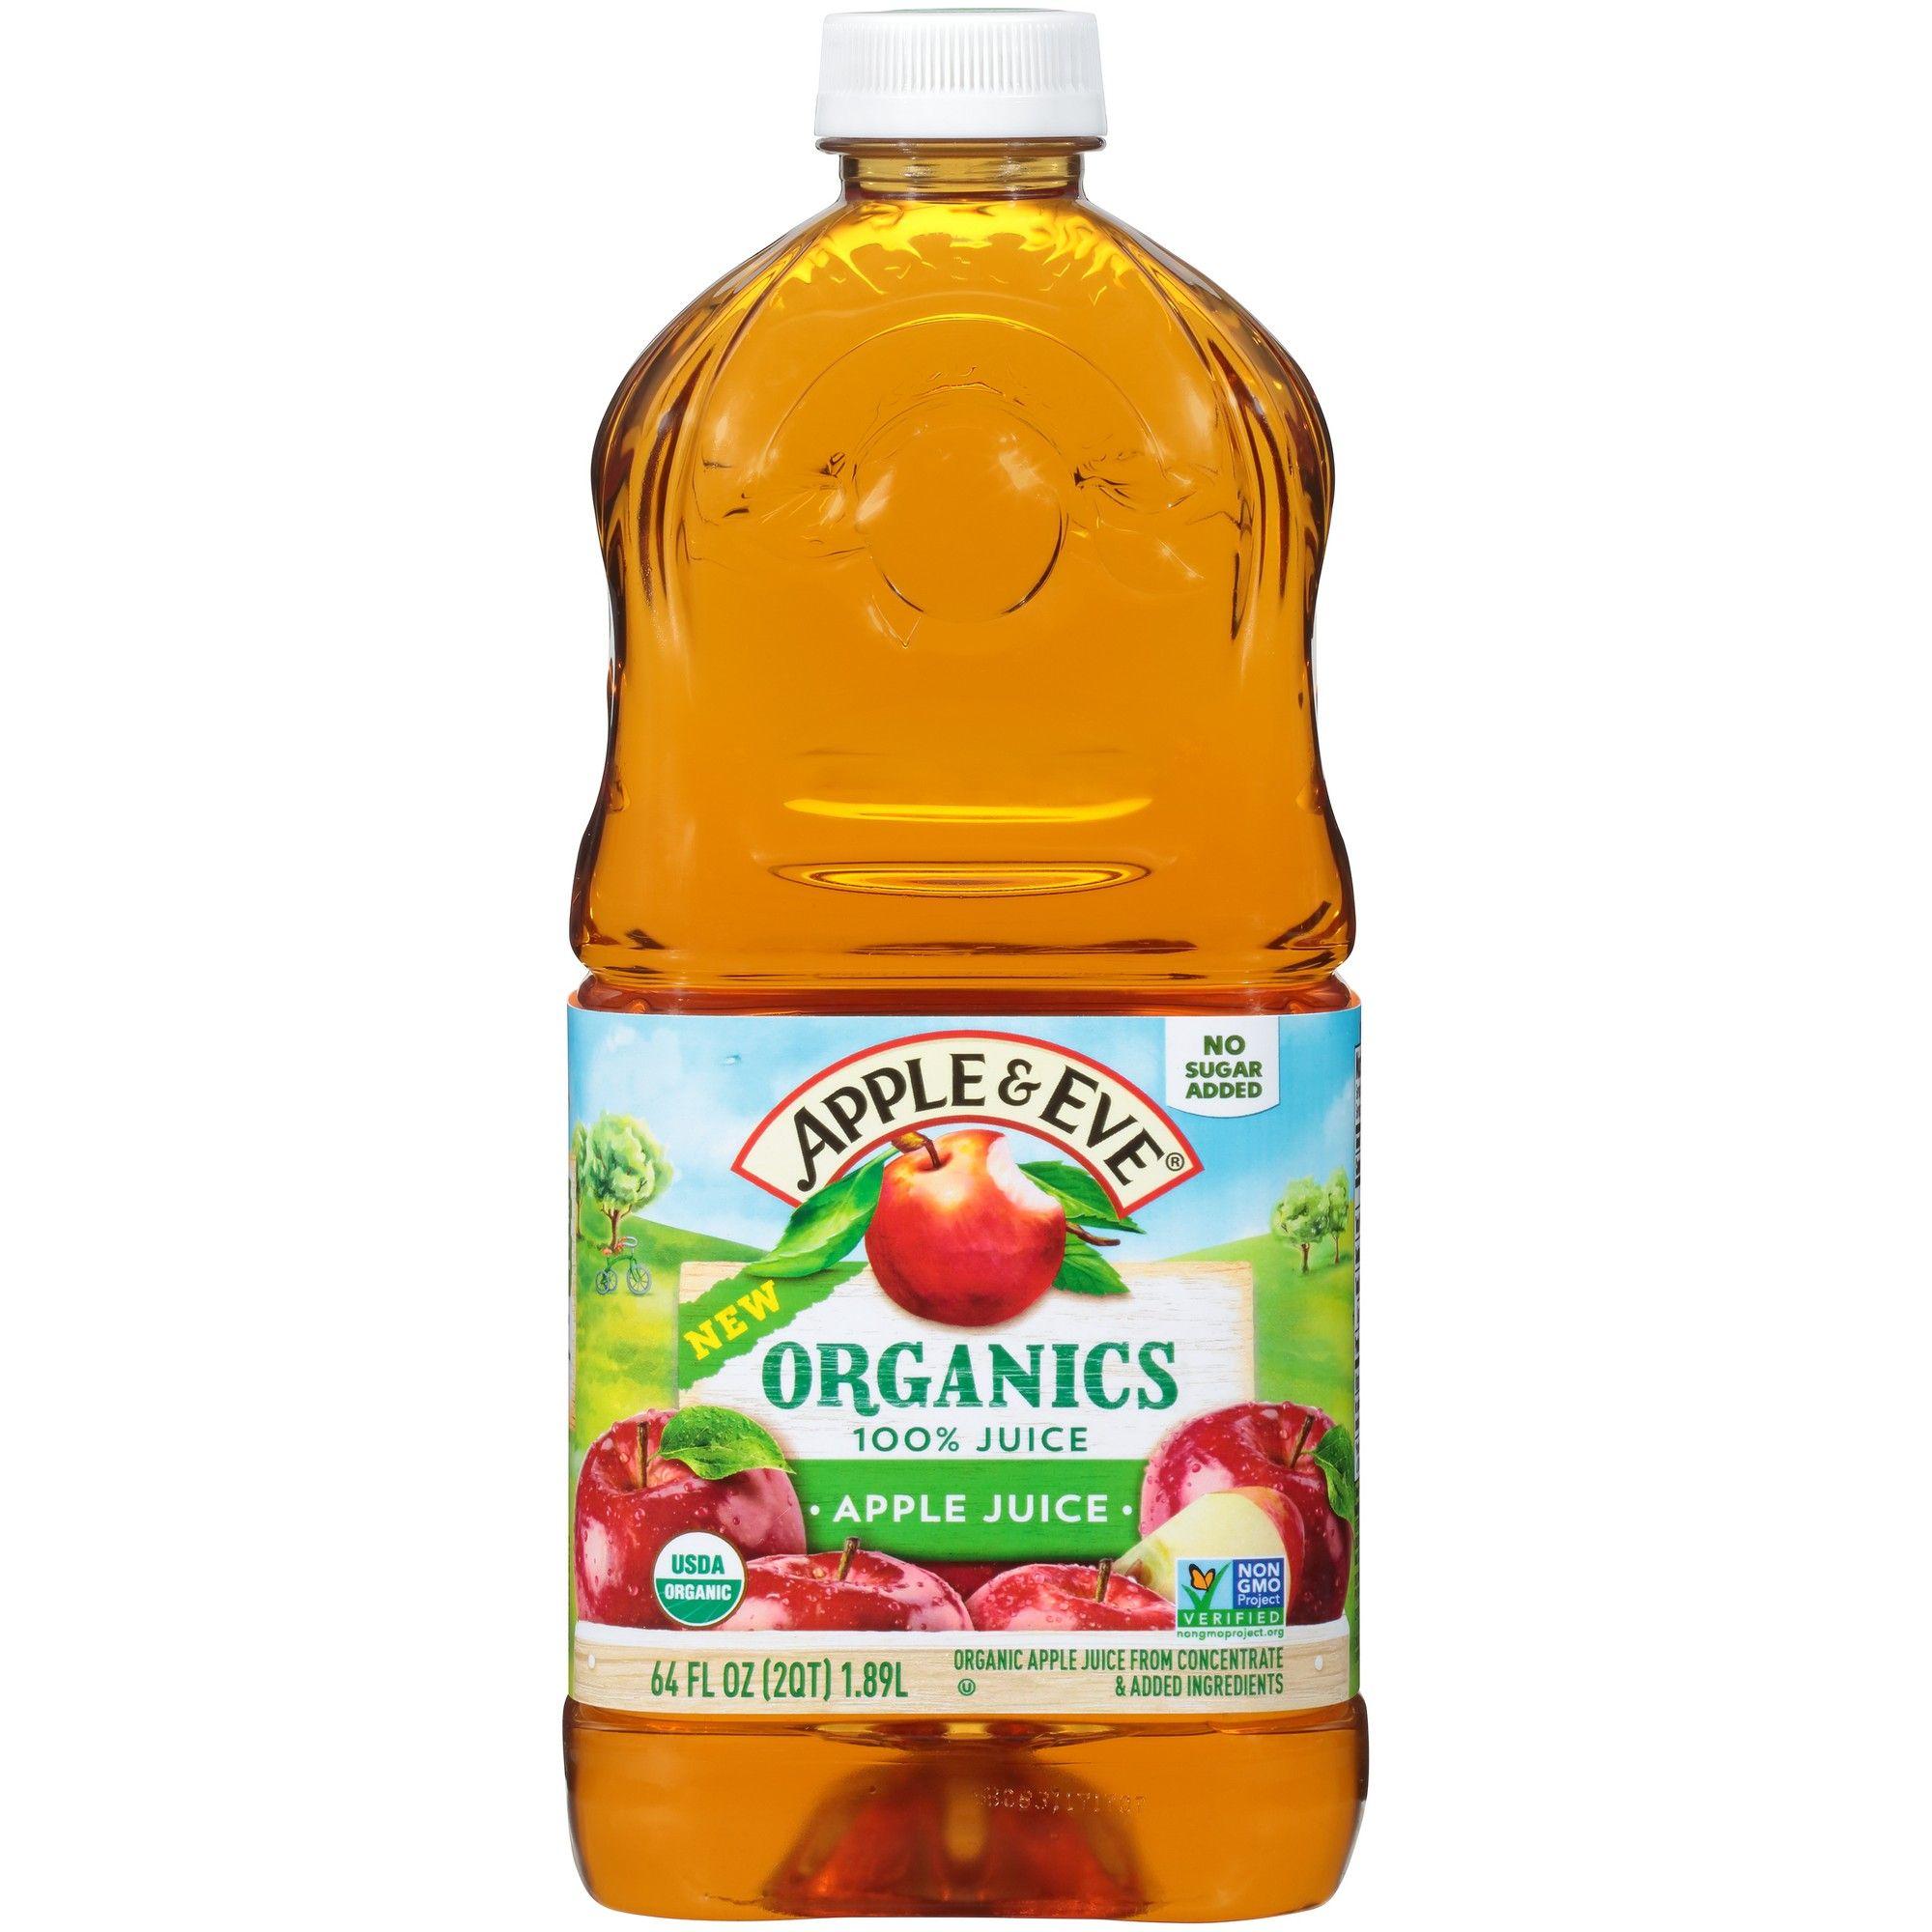 Apple & Eve 100 Juice Apple 64 fl oz Bottle in 2019